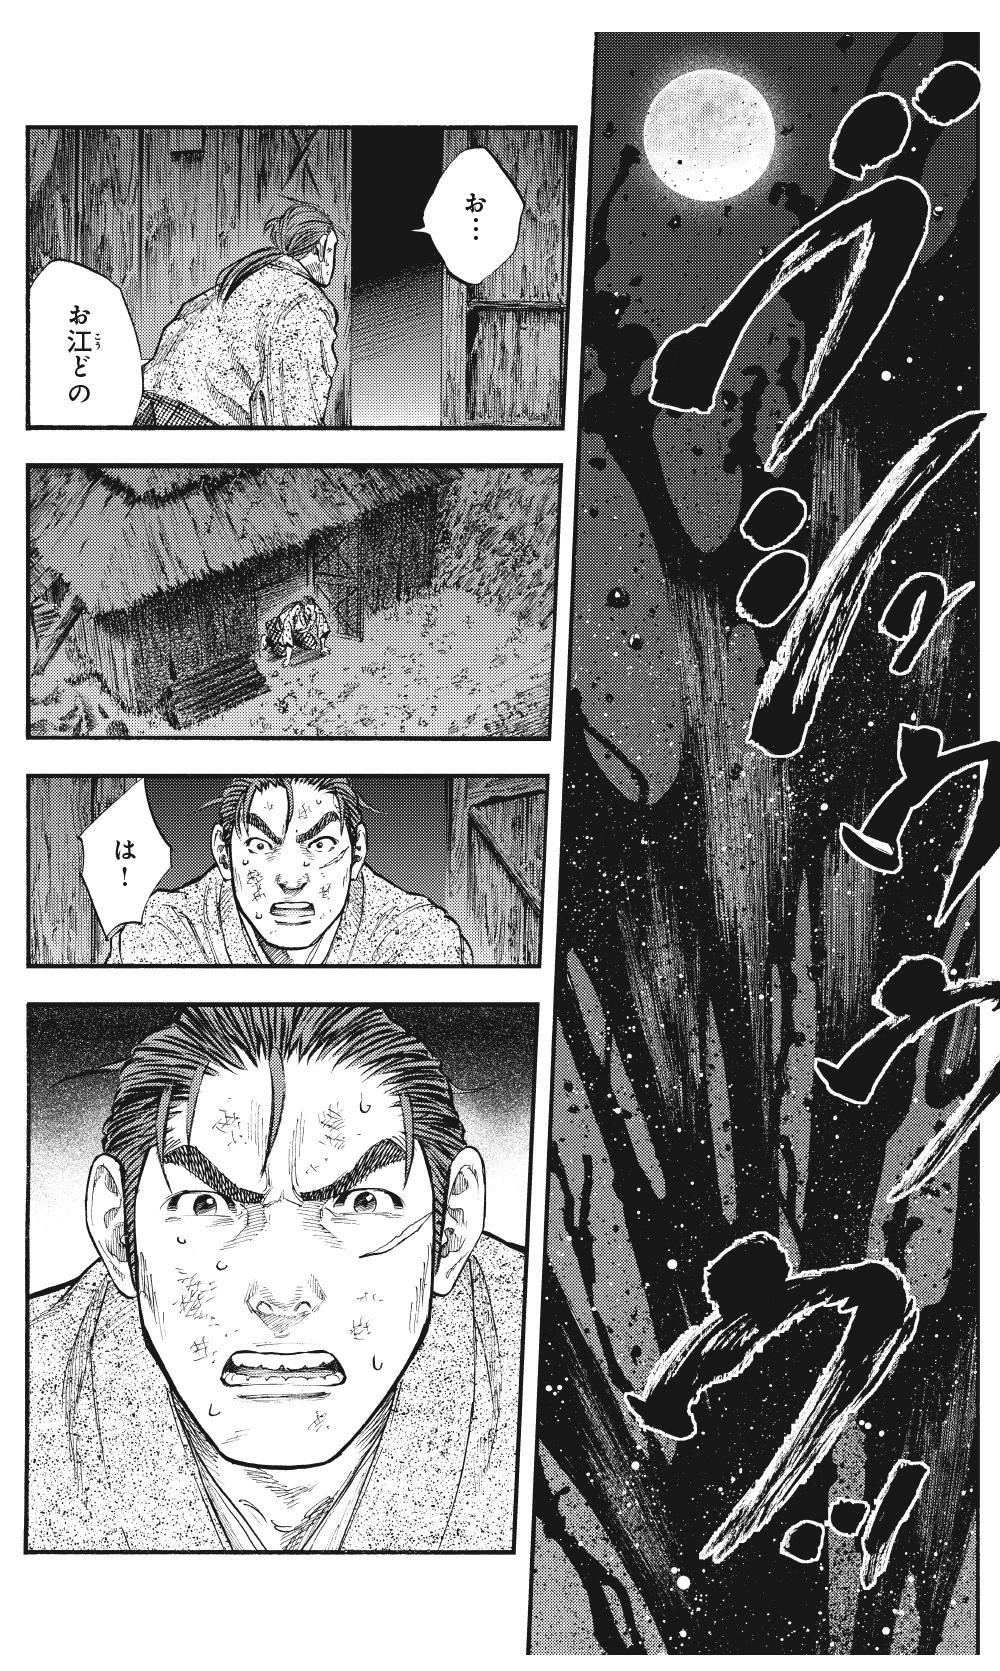 真田太平記 第7話「暗夜激闘」①sanada13-11.jpg